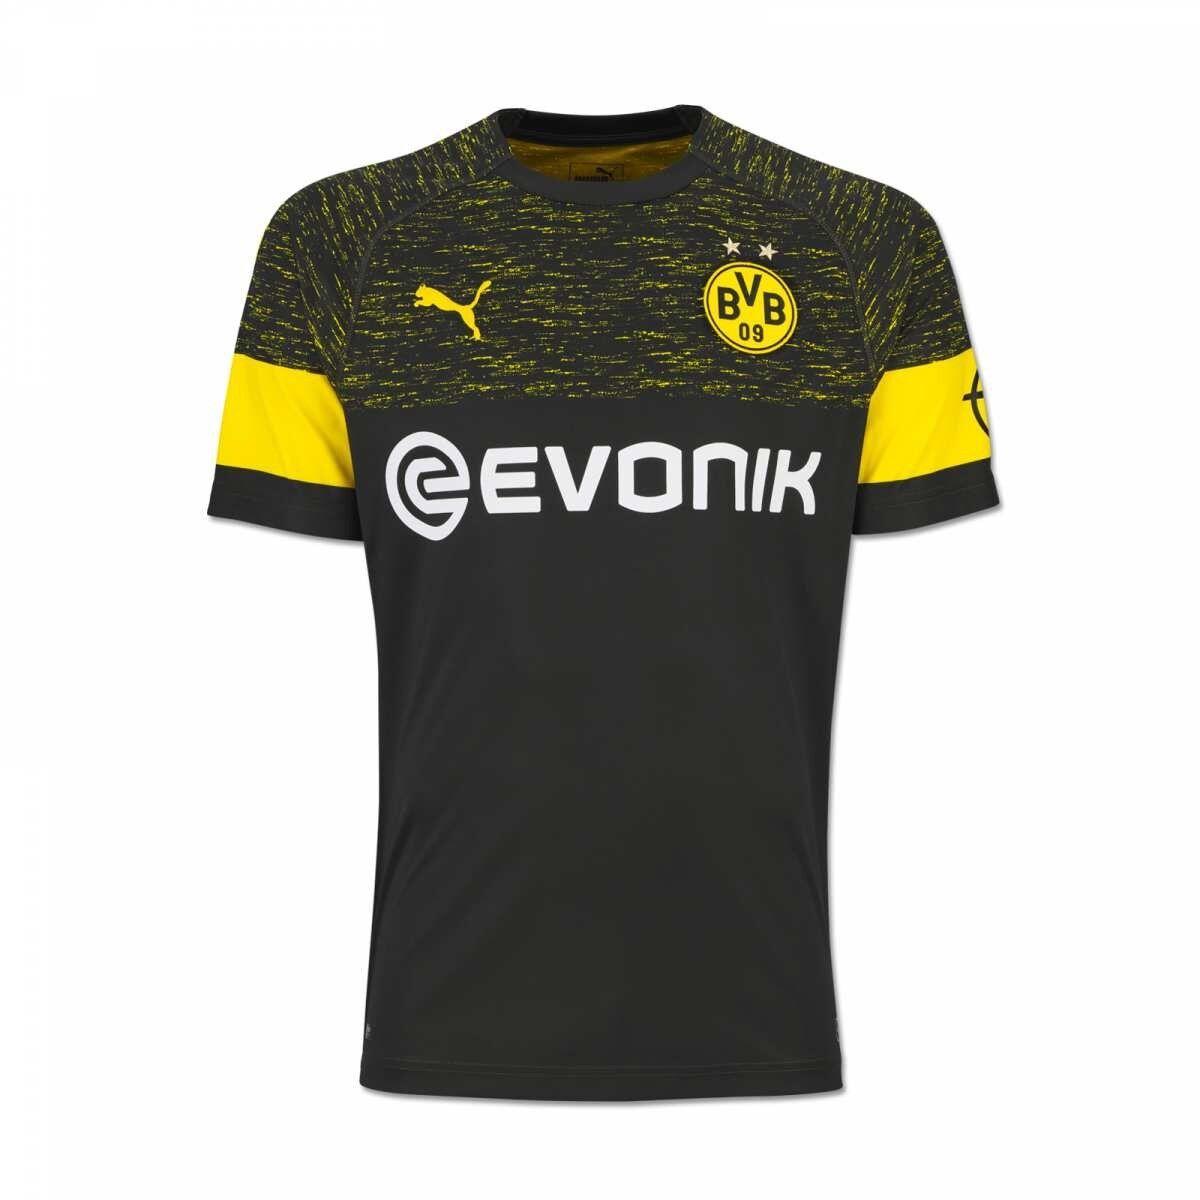 BVB Dortmund Trikot Away 2018/2019 Puma Gr.M